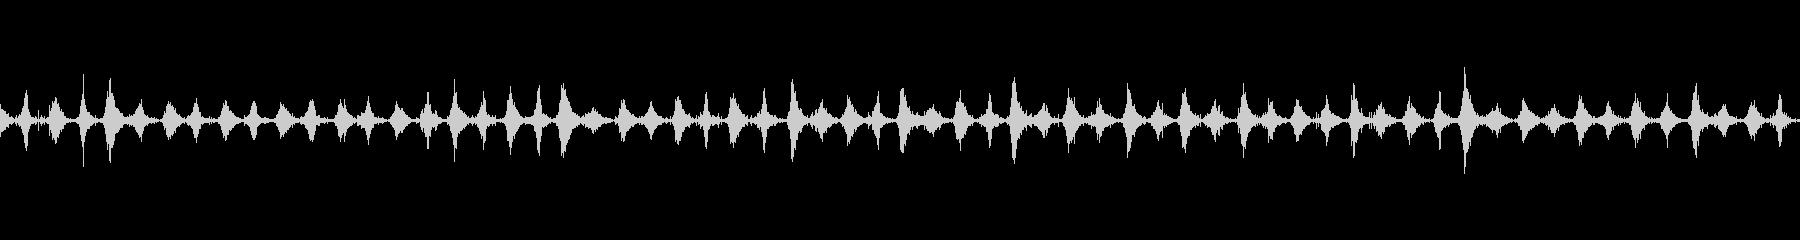 BPM128に合うシェイカーの未再生の波形